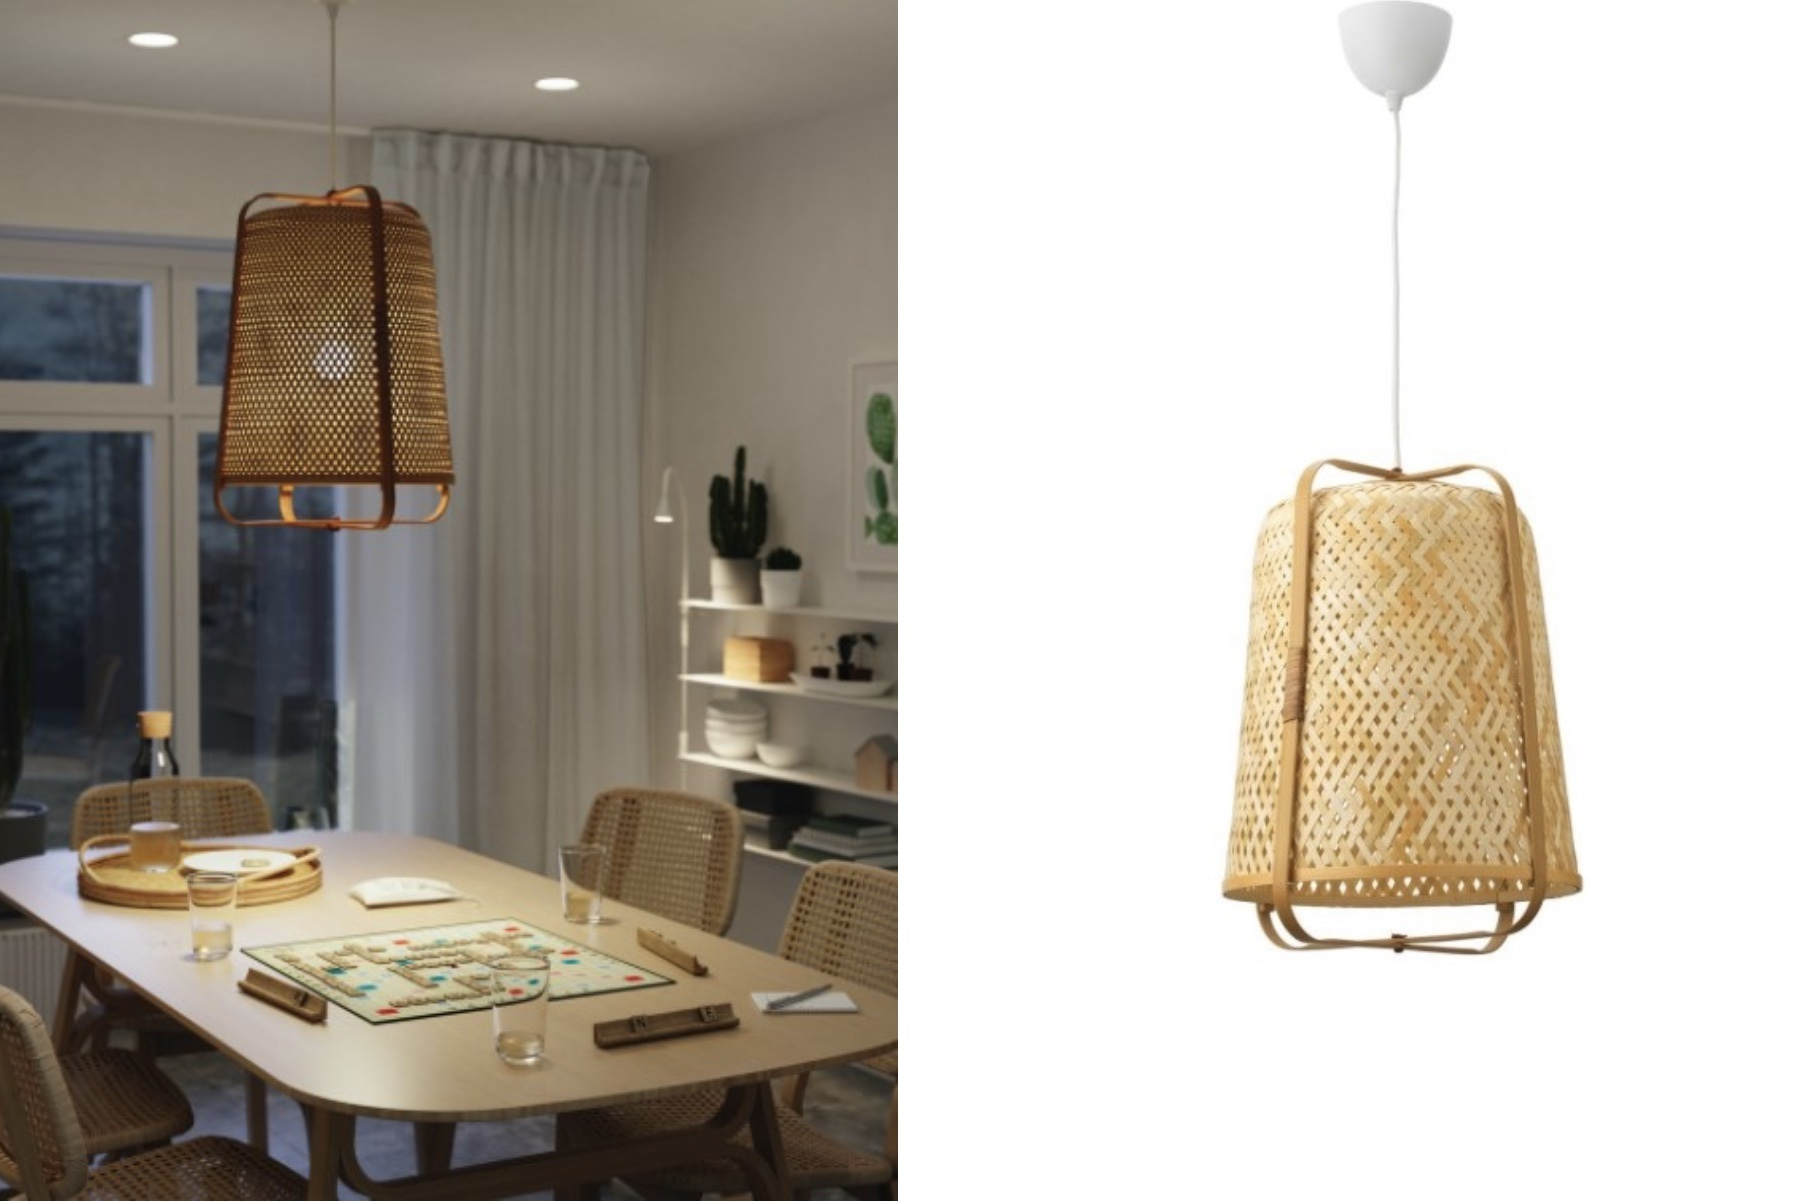 τραπεζαρία και φωτιστικό από IKEA